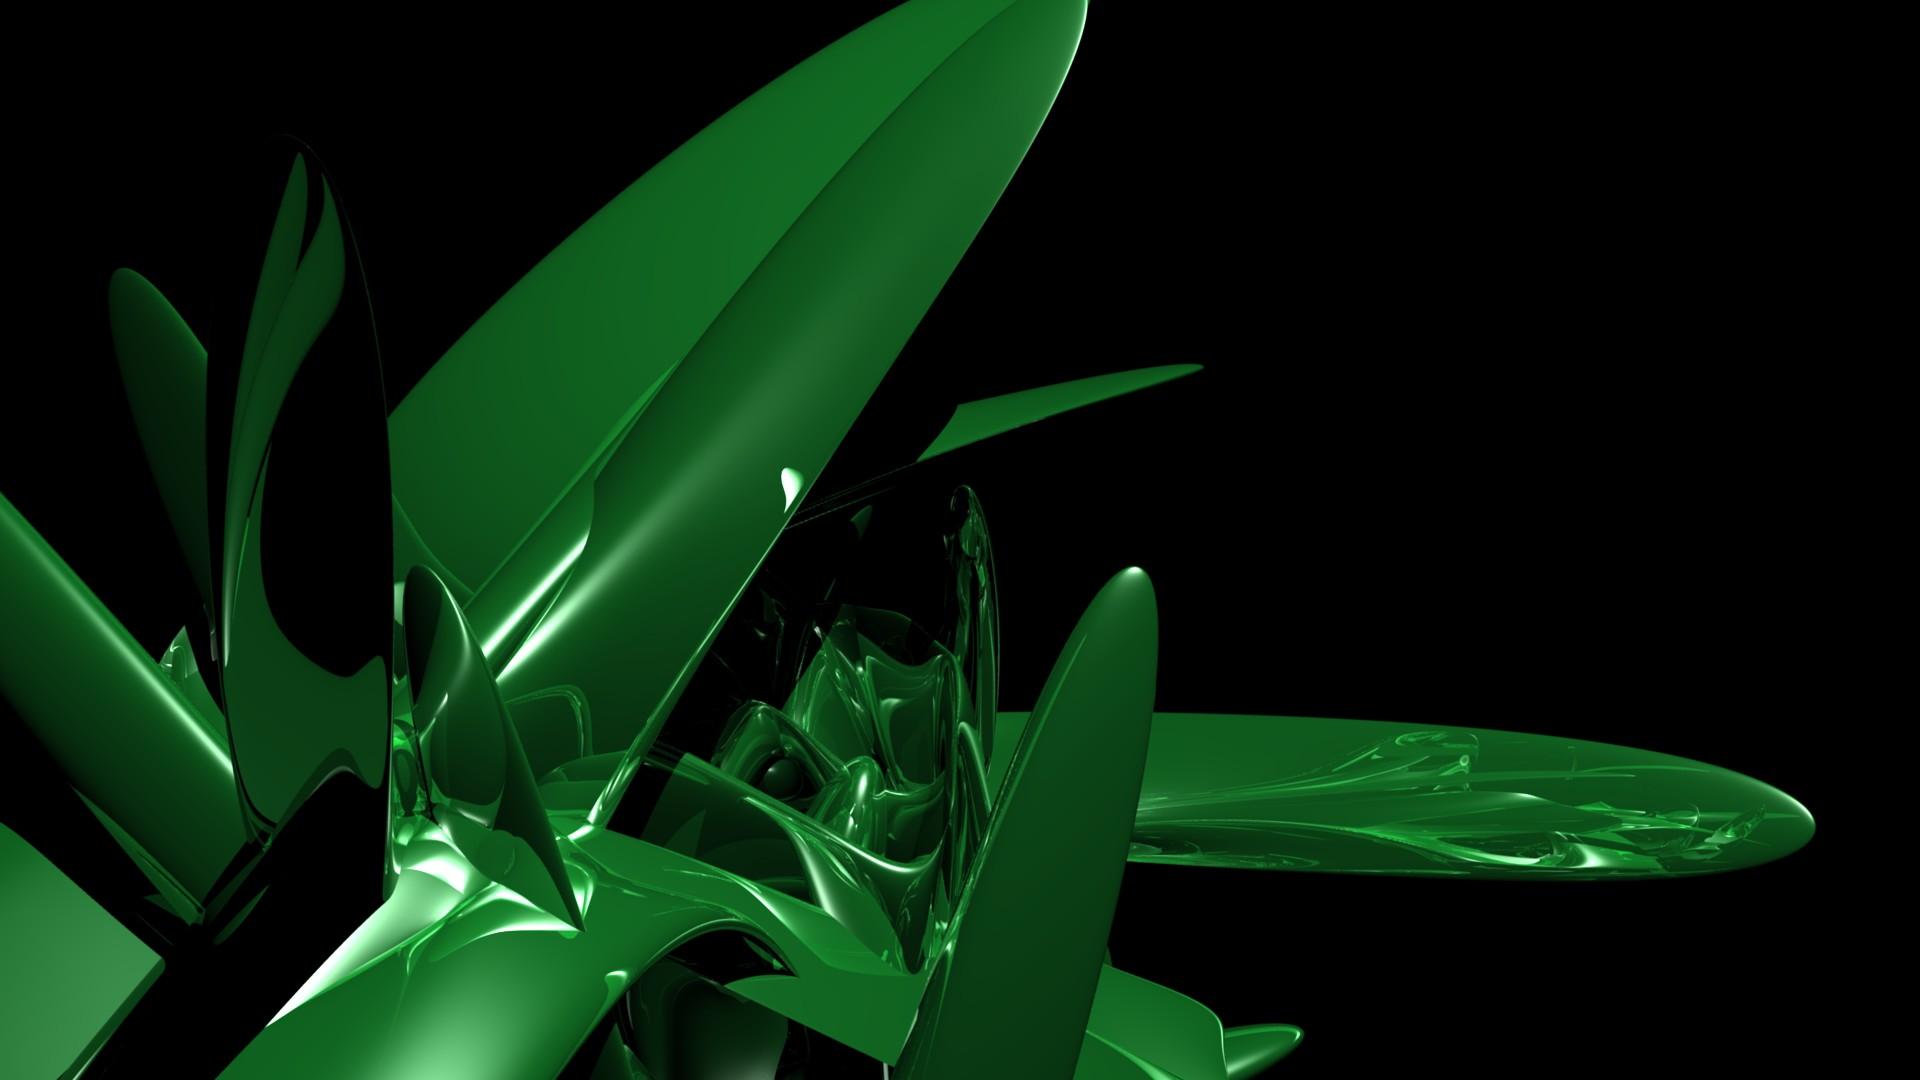 CGI - Abstract  Wallpaper